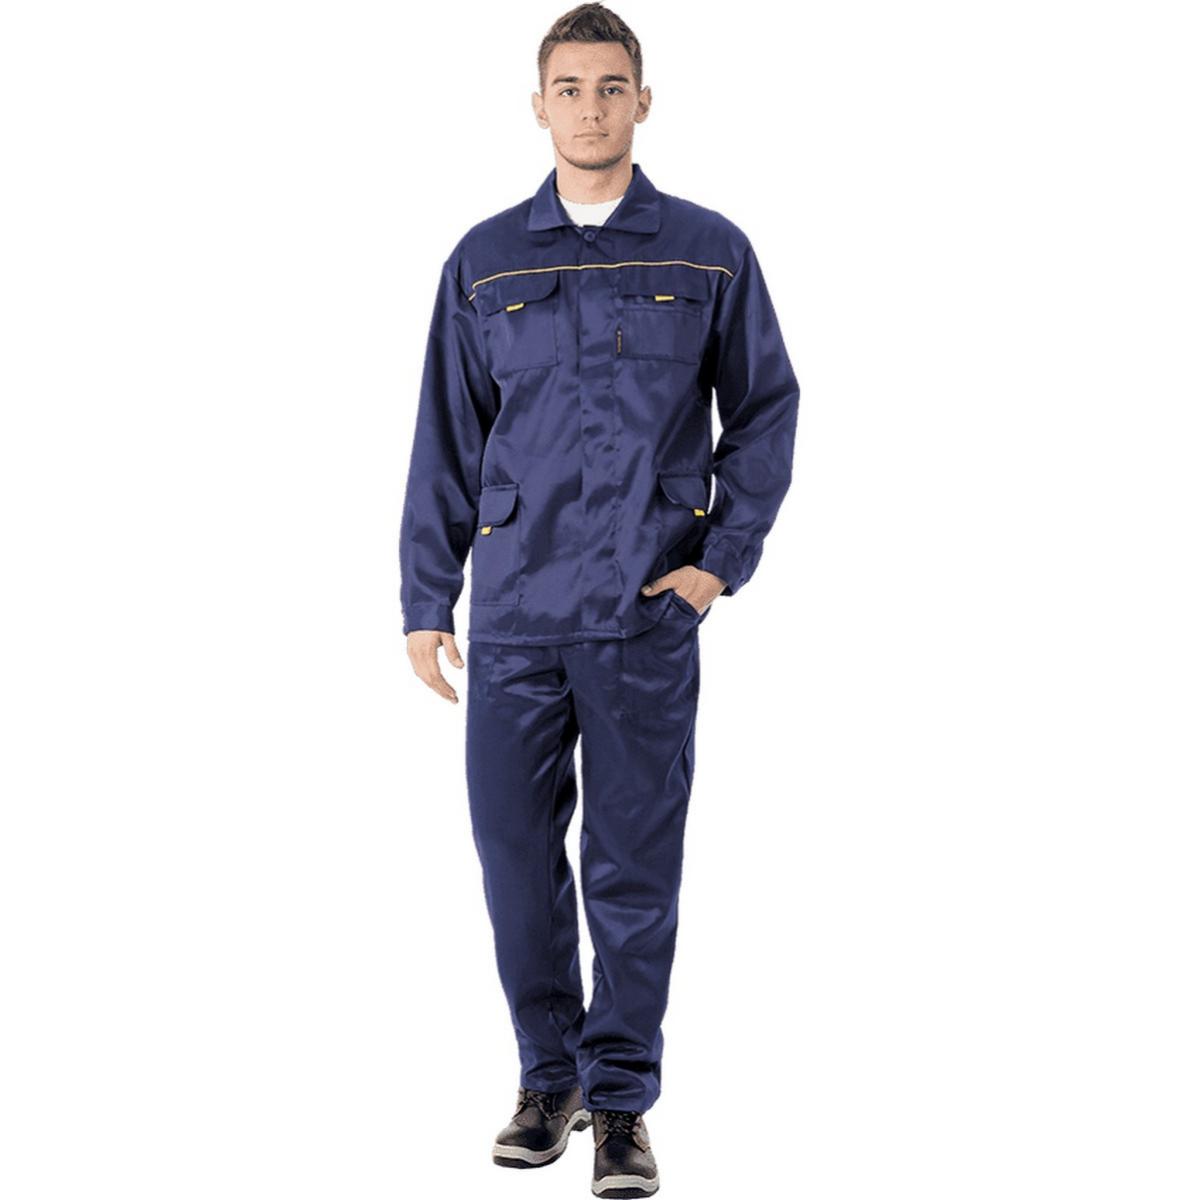 Костюм ВЫМПЕЛ-1 т/синий (куртка+брюки)  (разм. 128-132 рост 182-188)